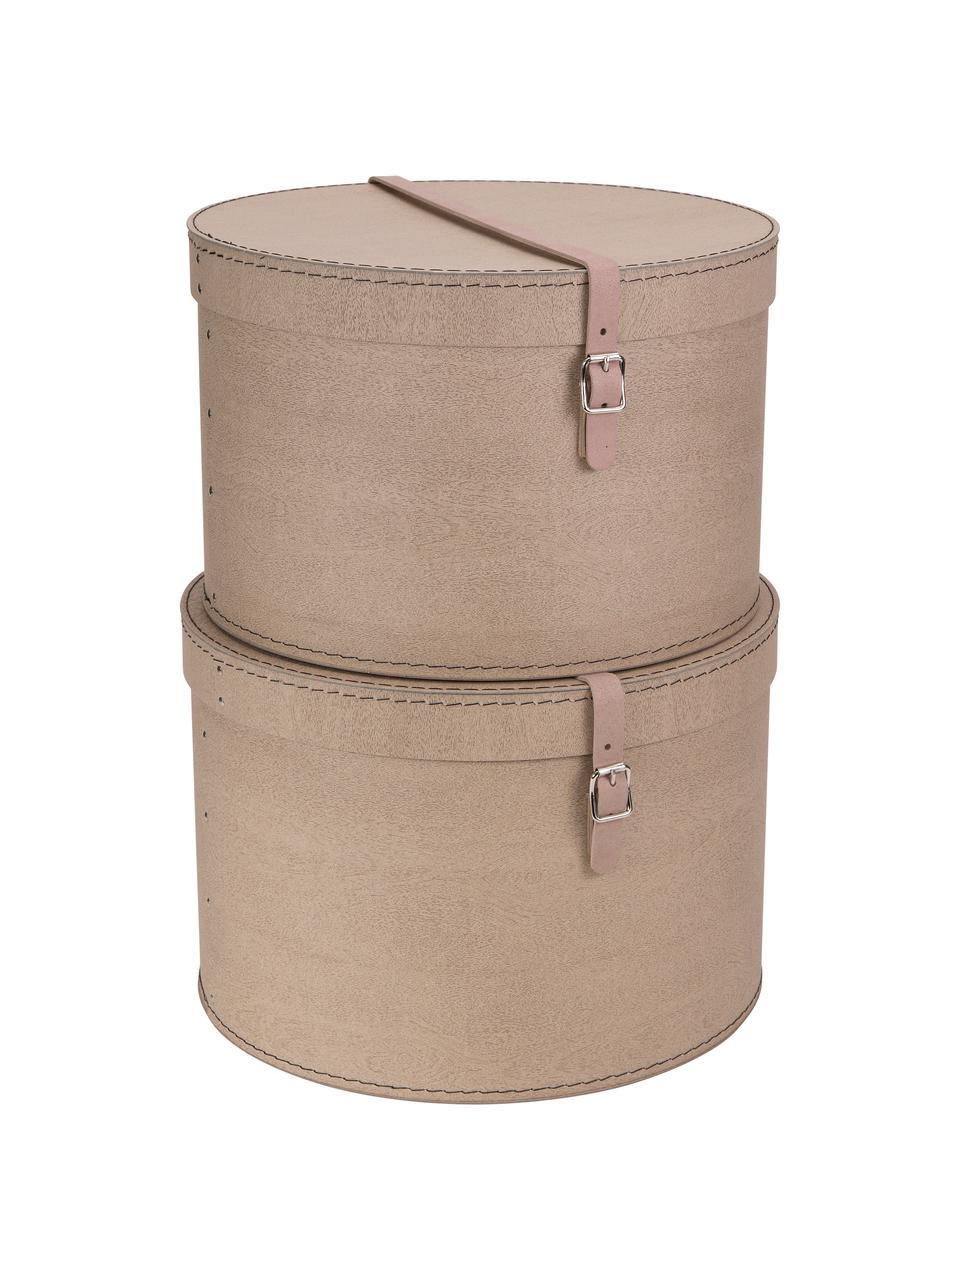 Boîte de rangement Rut, 2élém., Extérieur boîte: beige Intérieur boîte: noir Poignée: beige